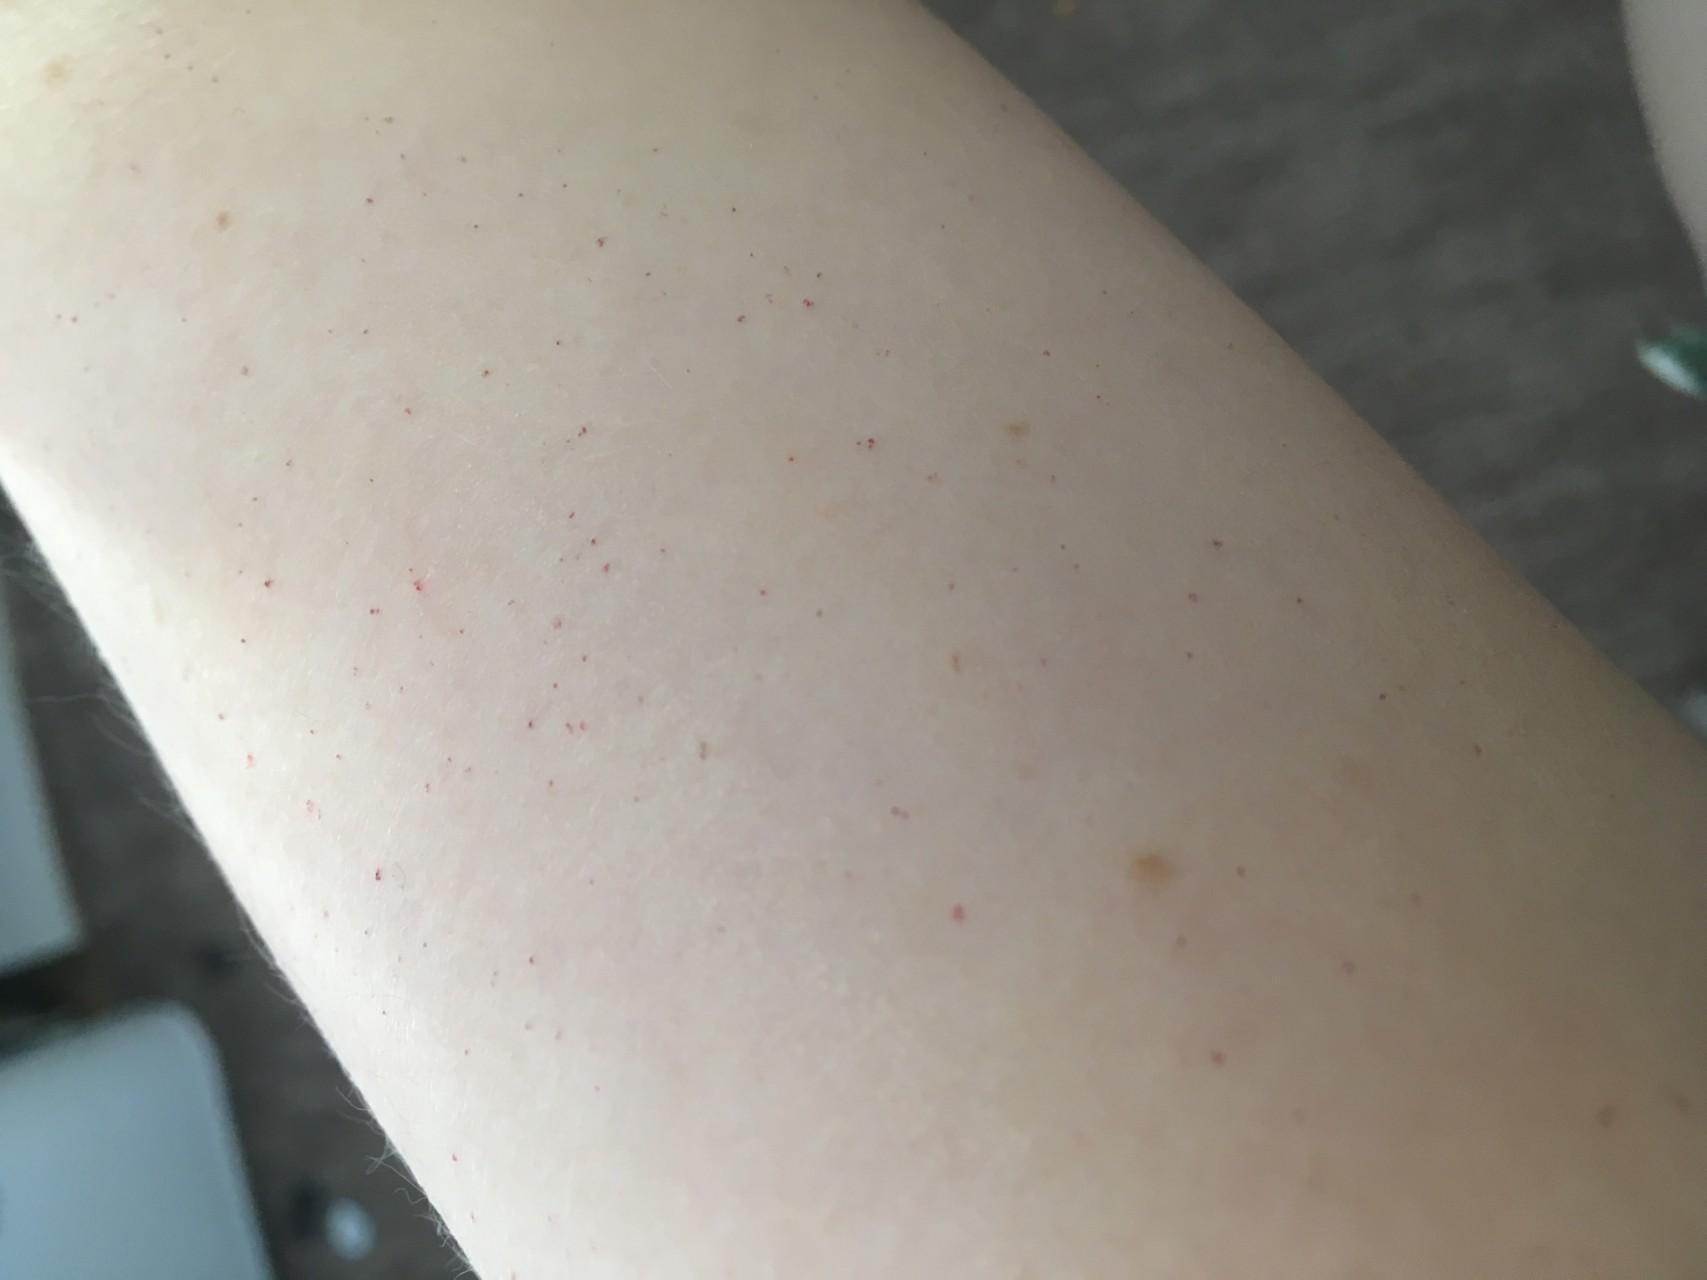 Красные точки на теле